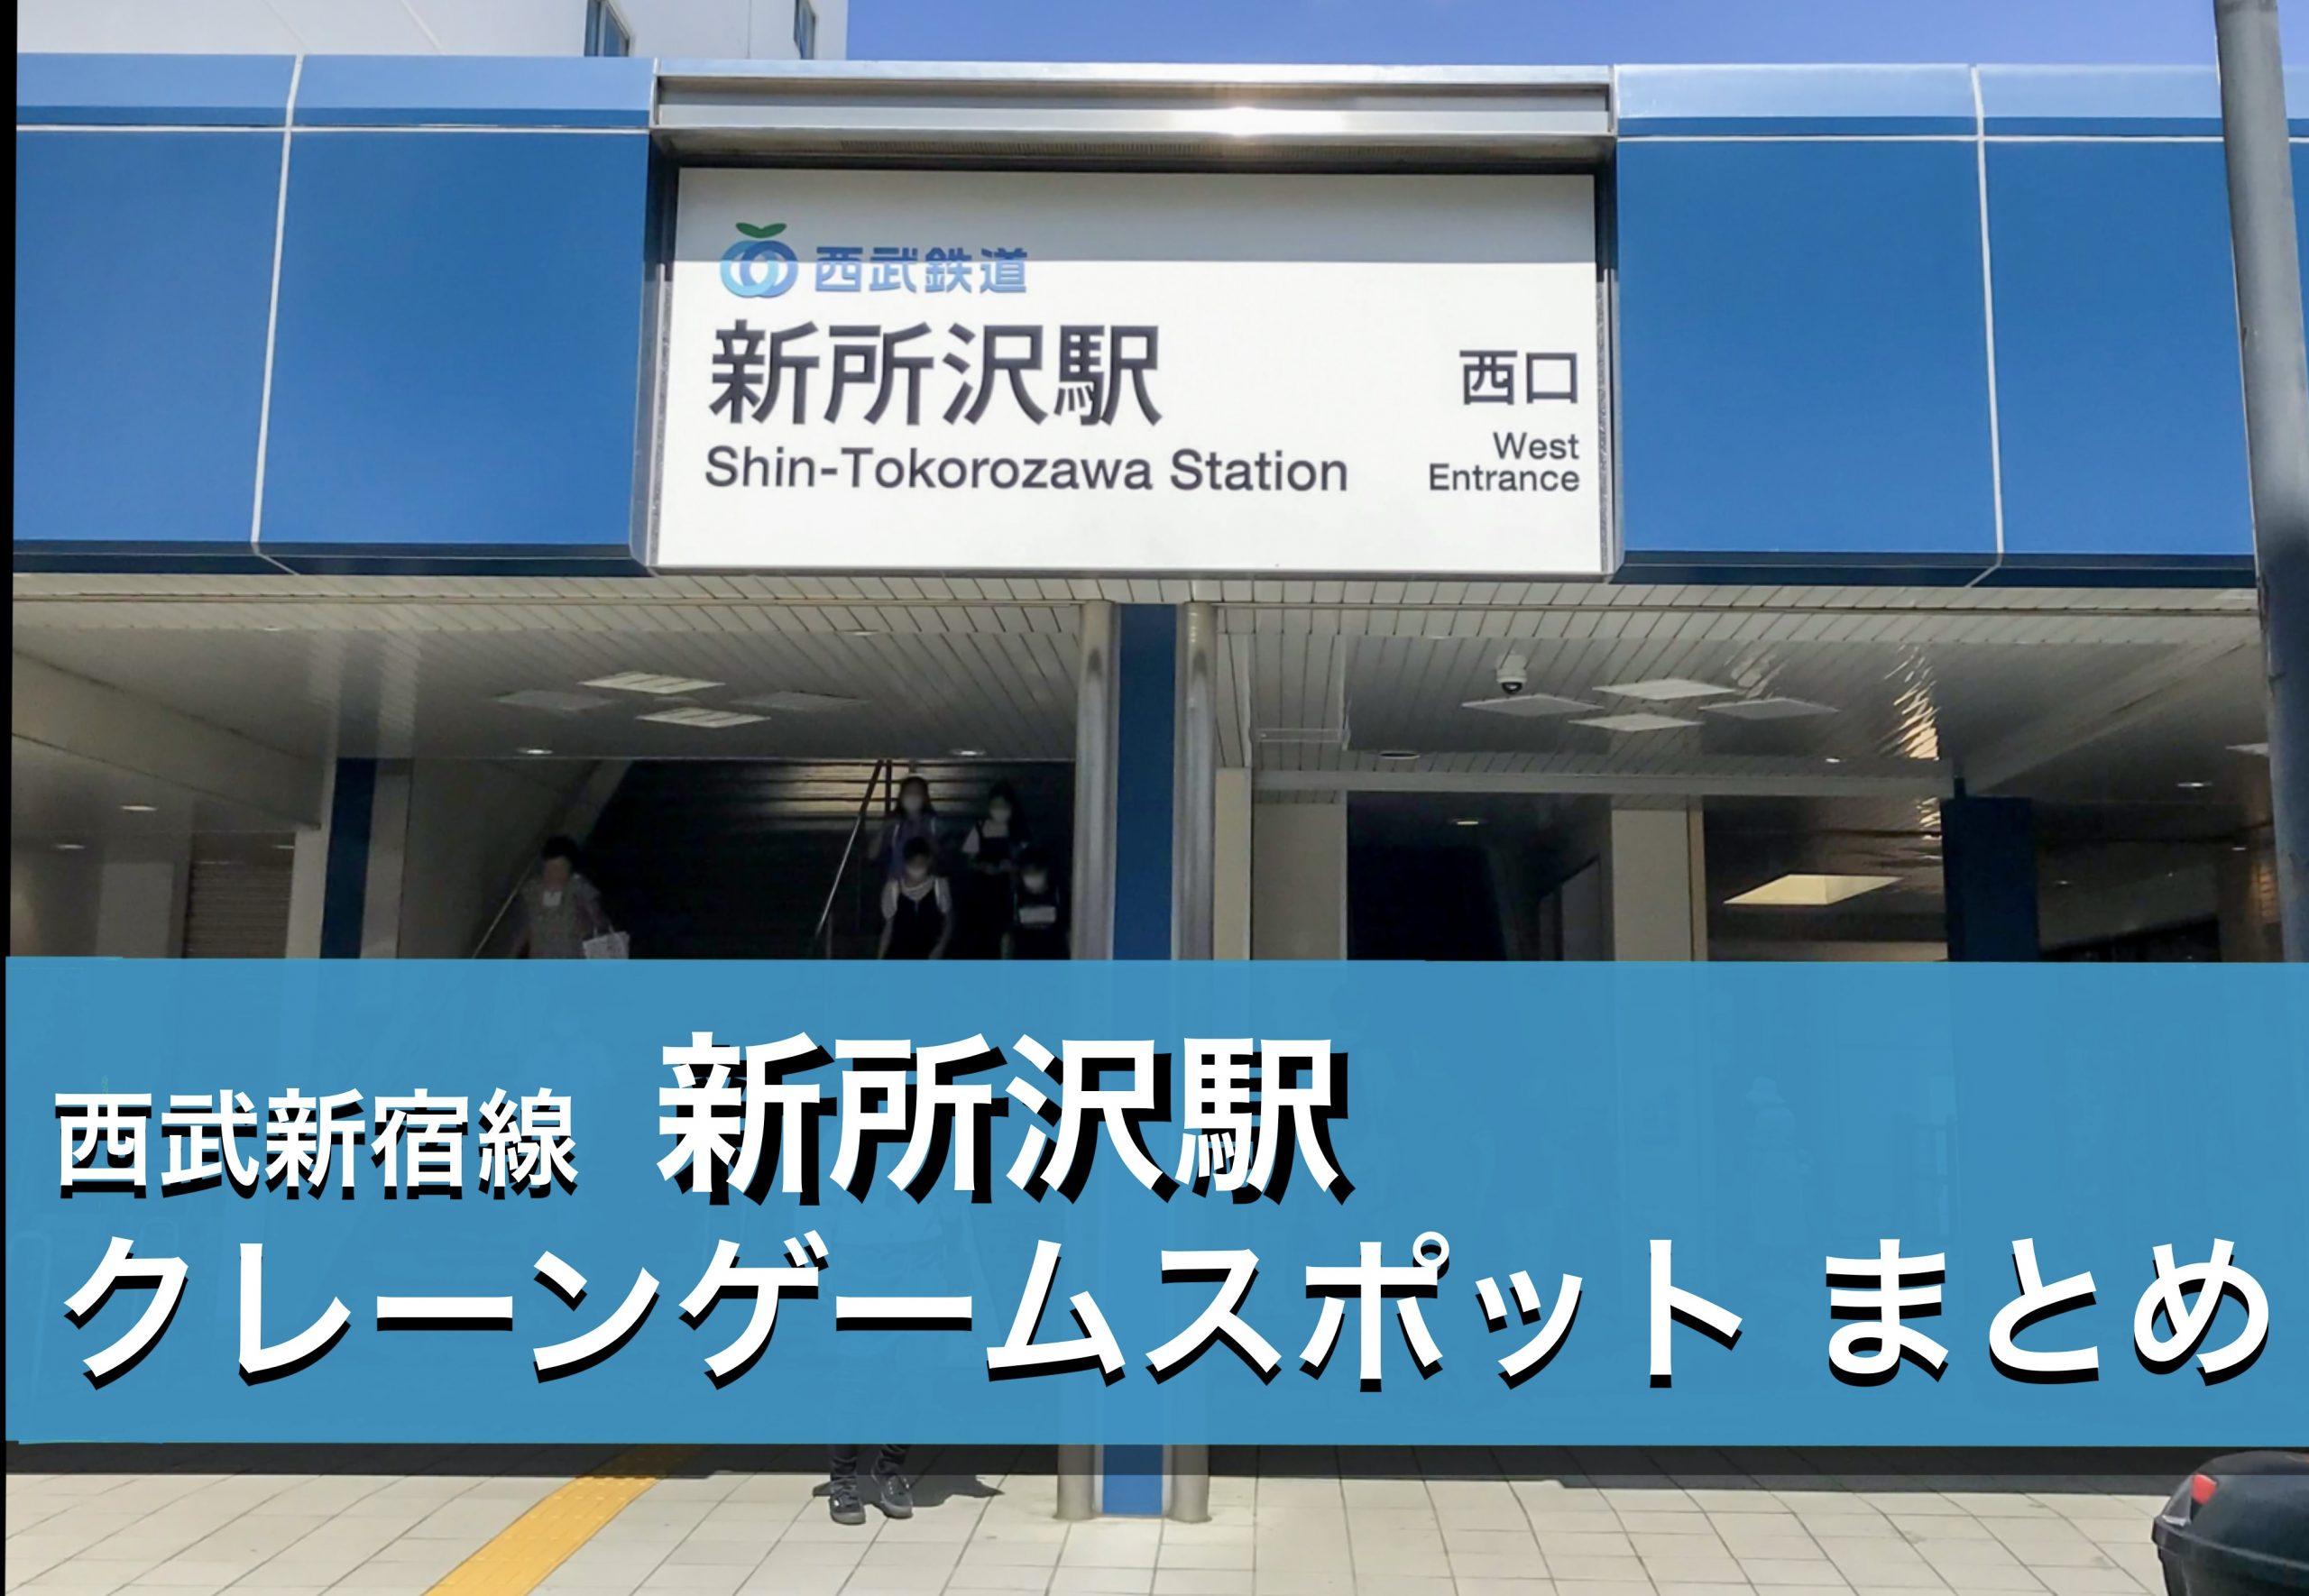 【新所沢駅】クレーンゲームができる場所